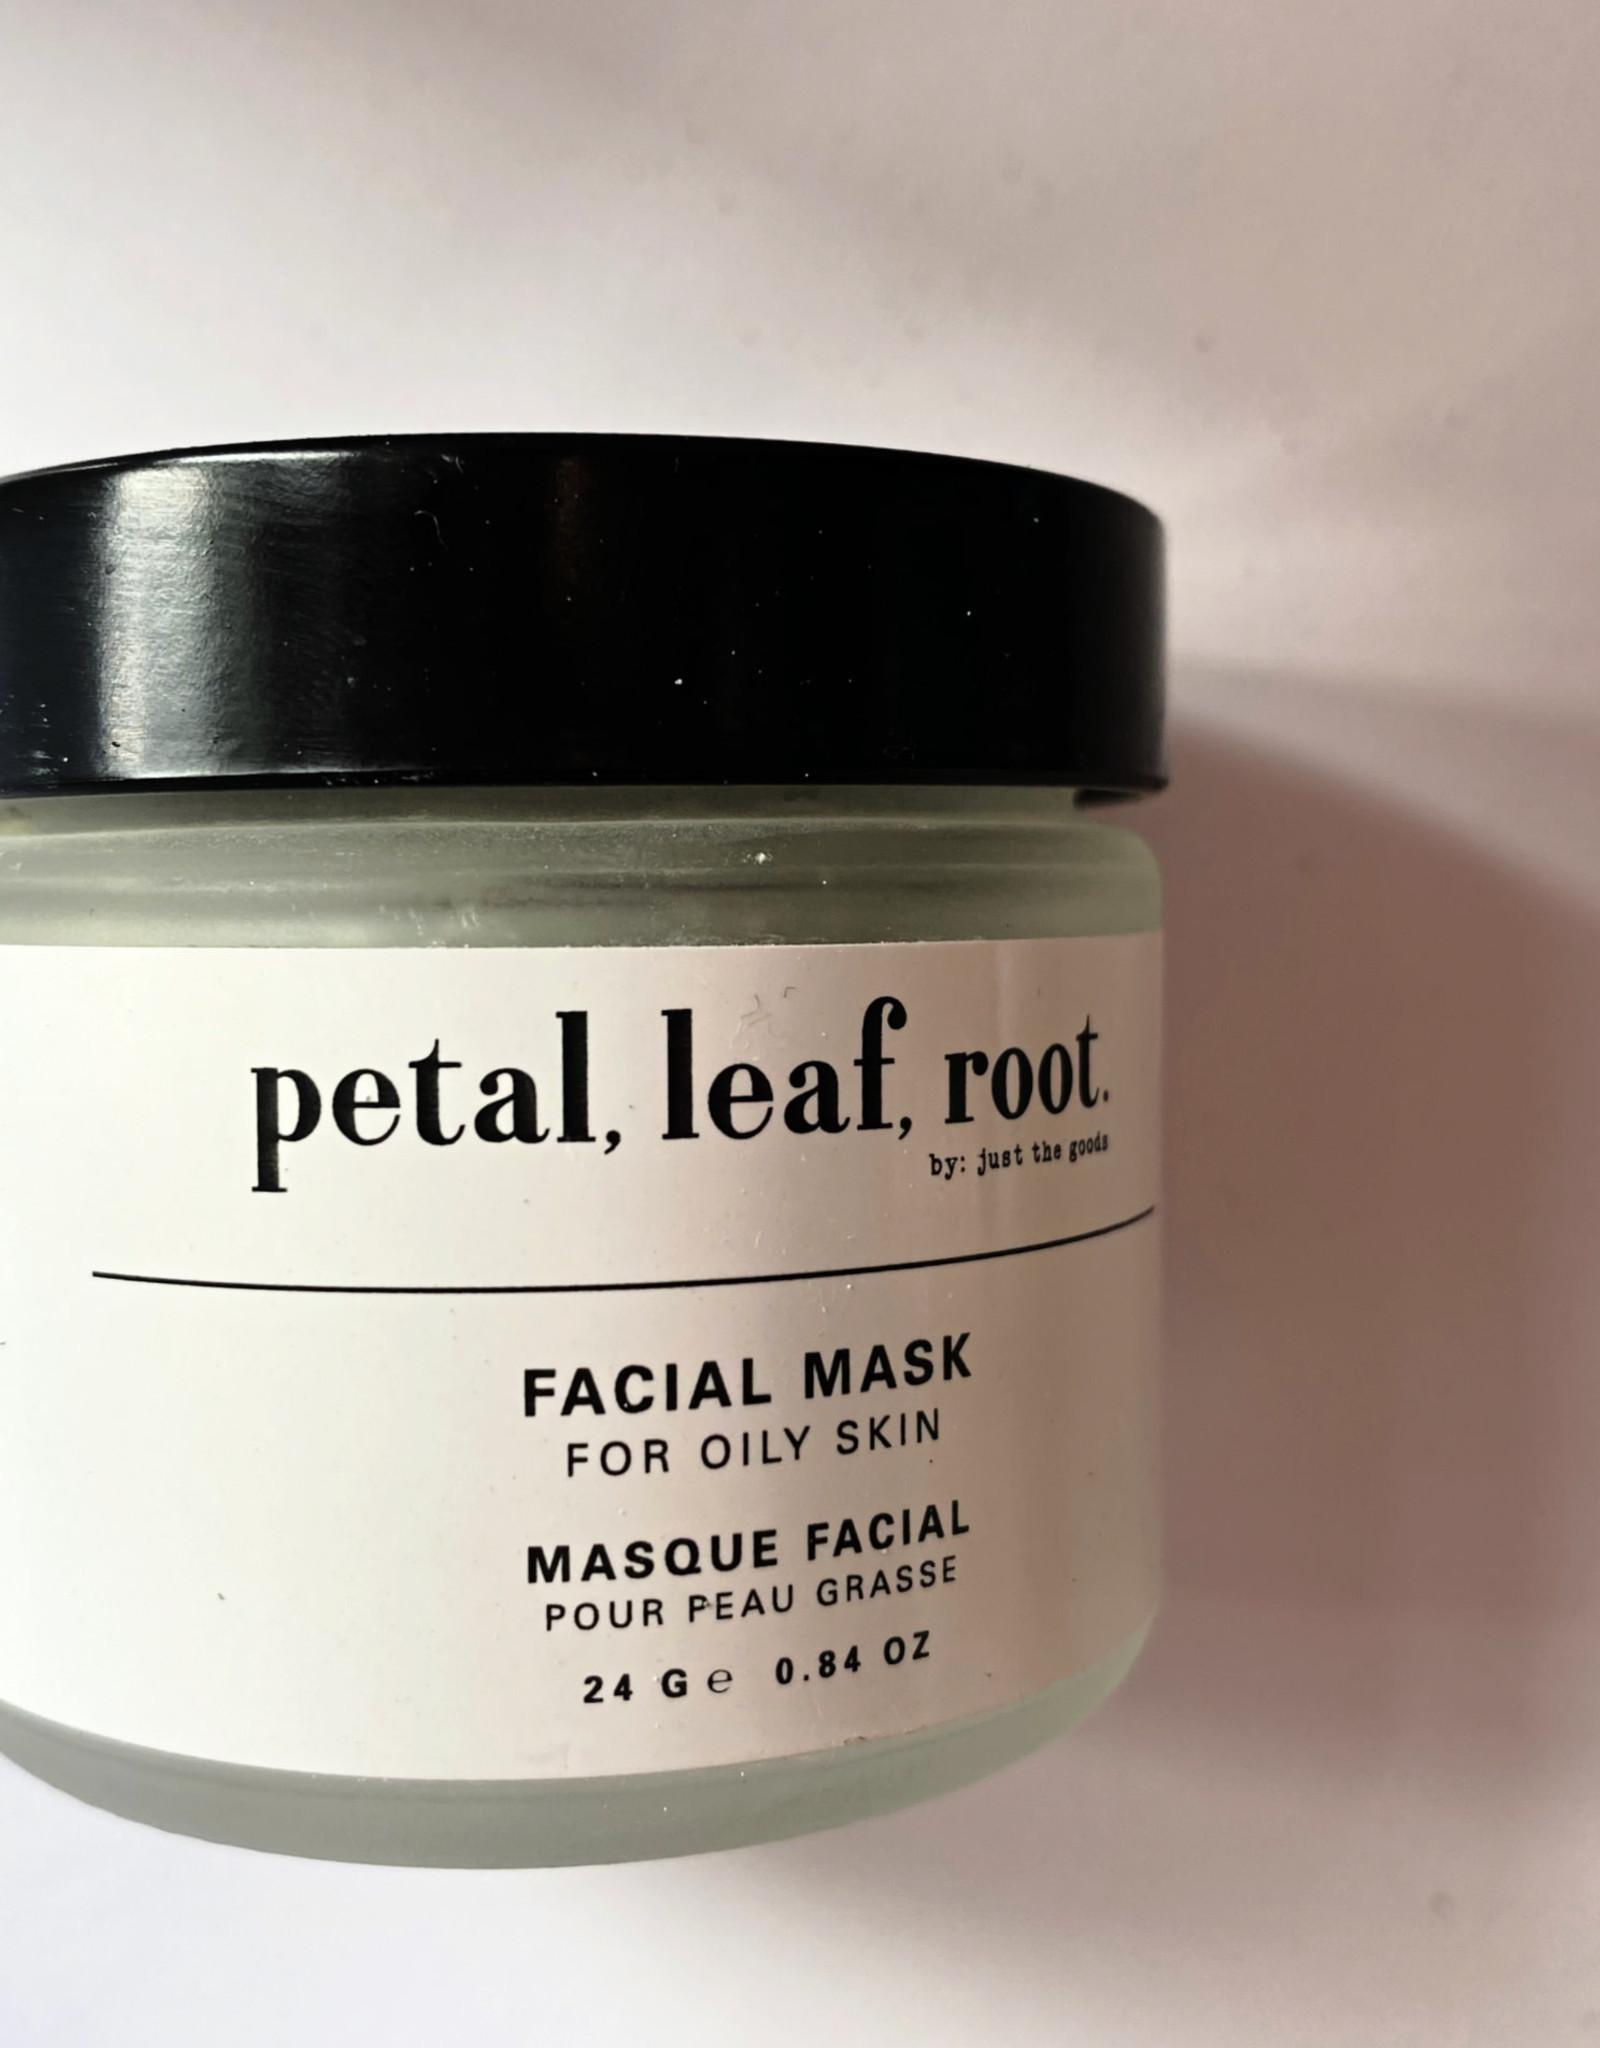 Petal Leaf Root Face Mask